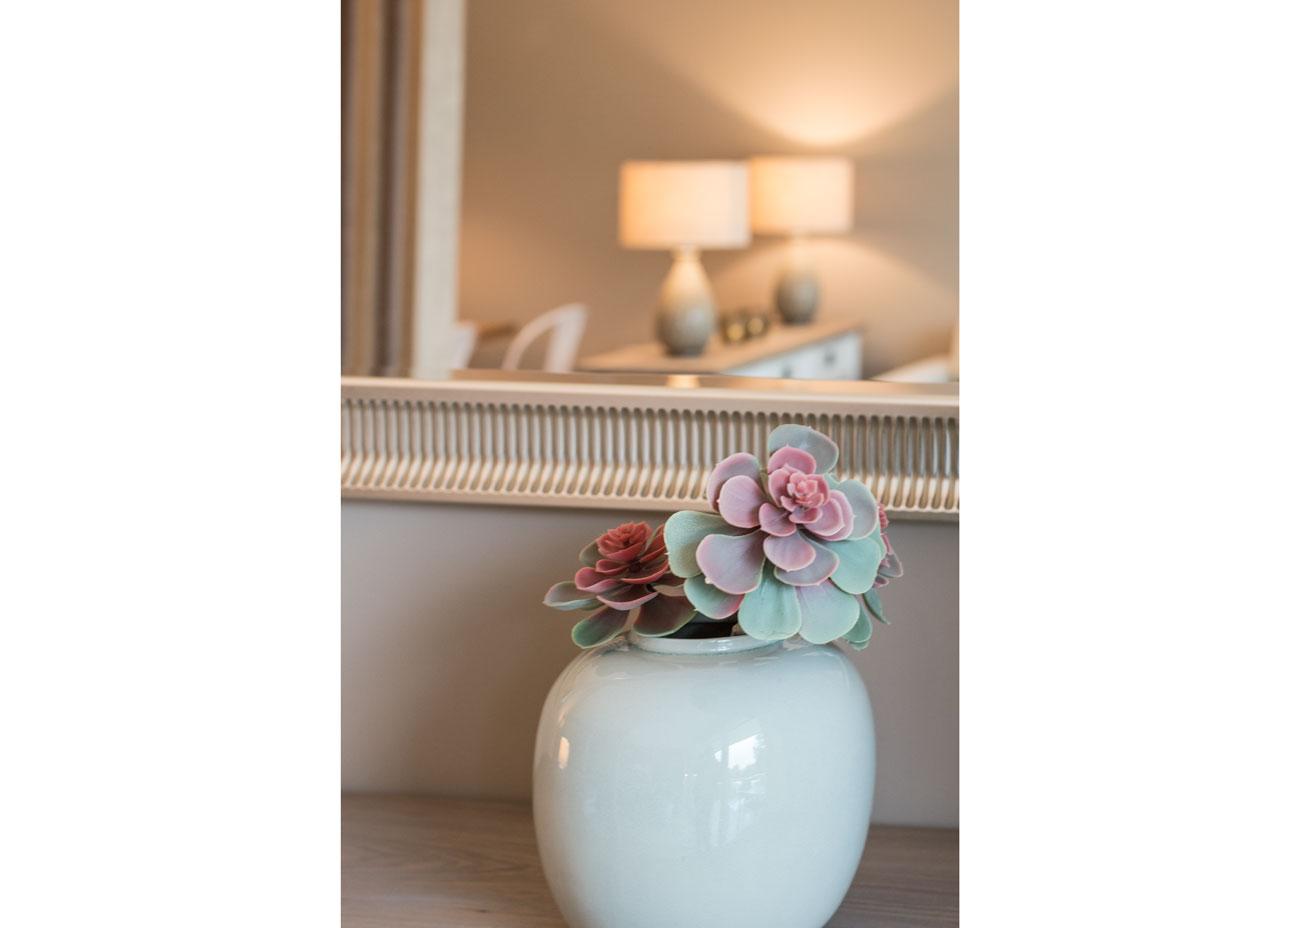 Ferienwohnung einrichten vase mit blumen leuchte kommode spiegel